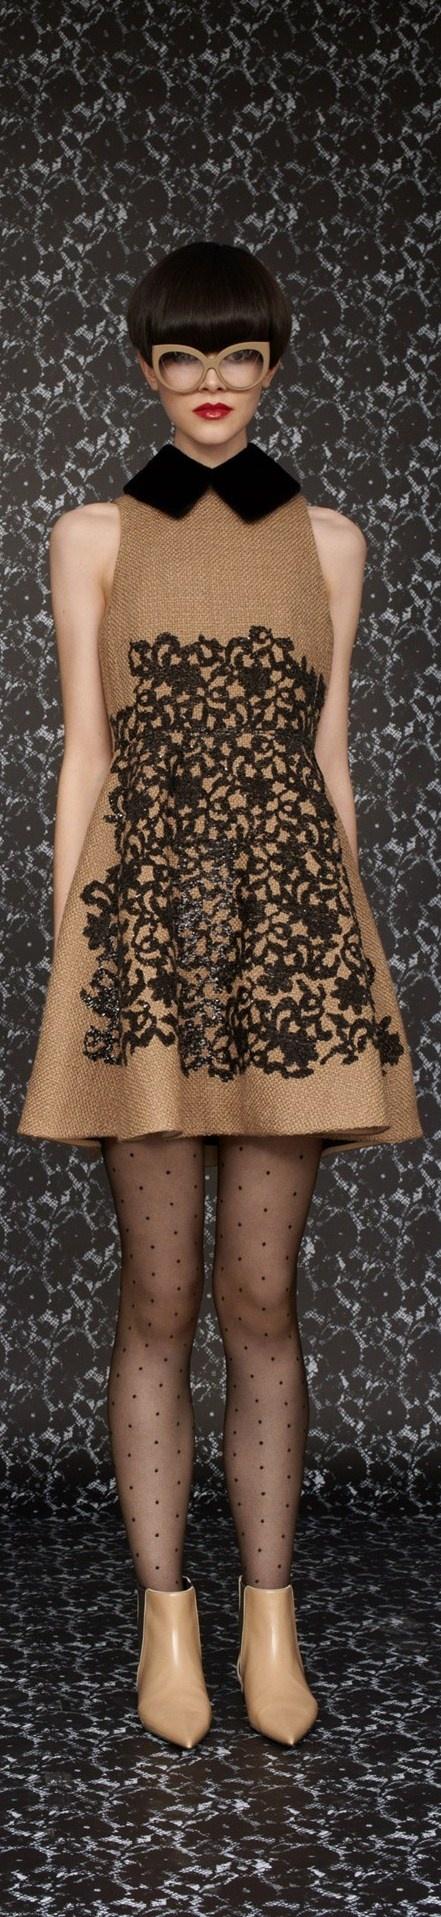 Louis Vuitton ● 2013-14